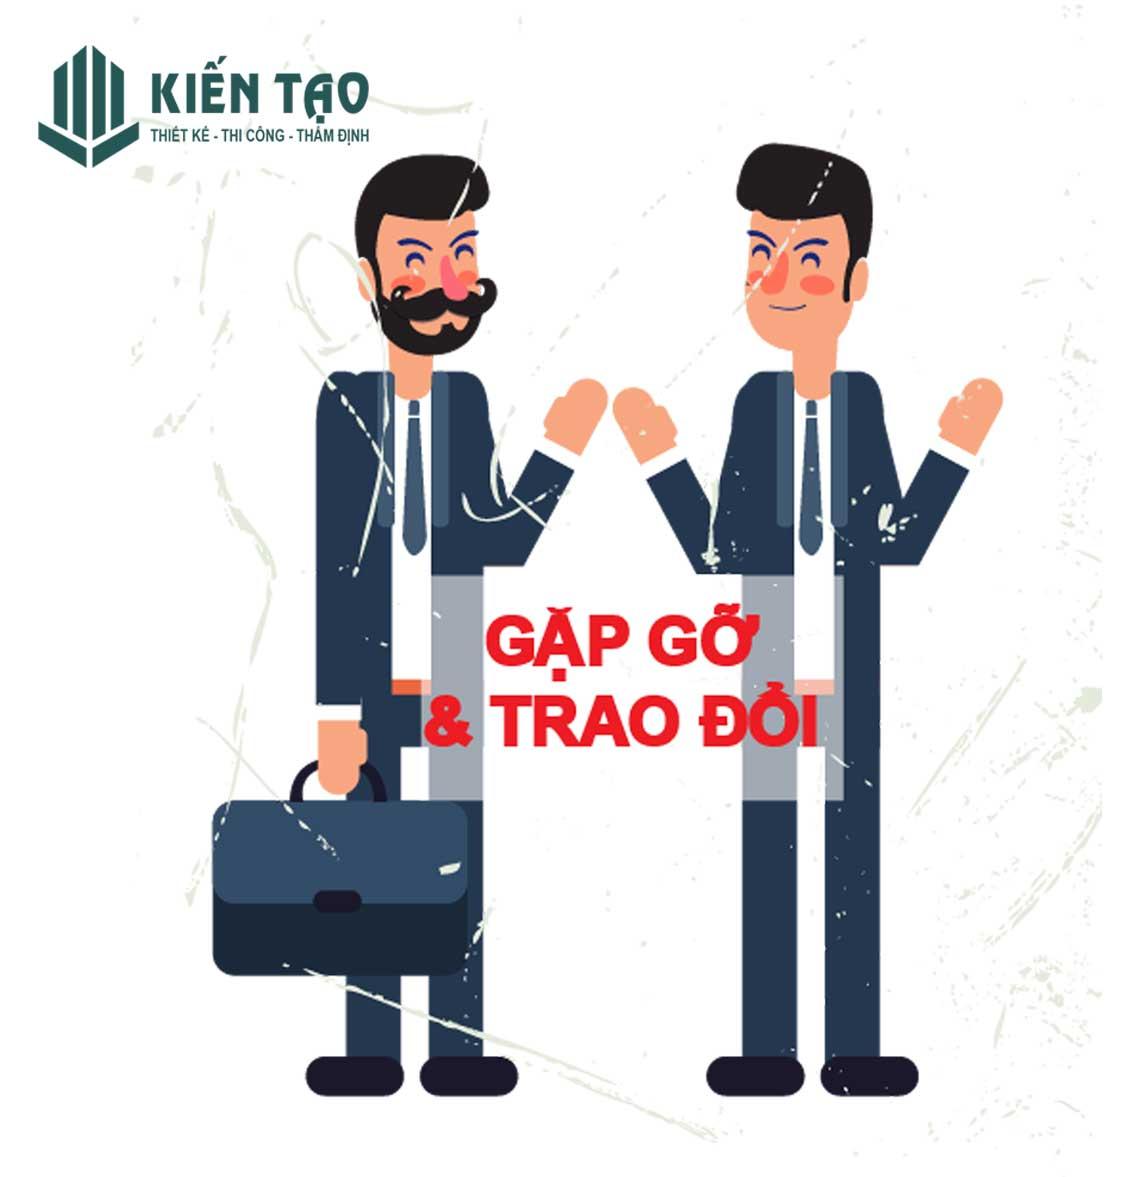 thiet-ke-nuoc-1-kien-tao